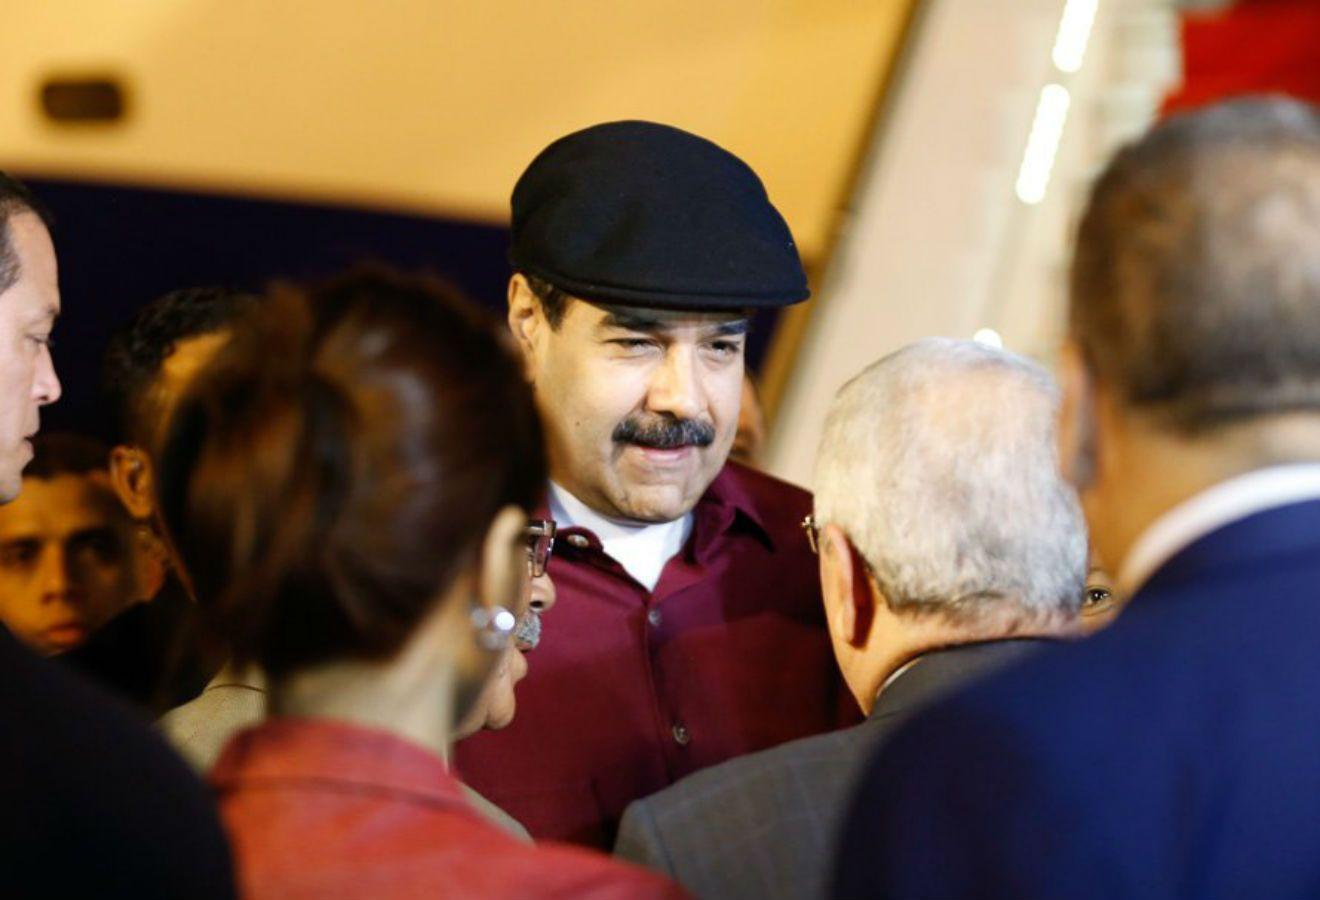 ¿Intentará Estados Unidos eliminar a Maduro por proponer que Venezuela abandone el área dólar?